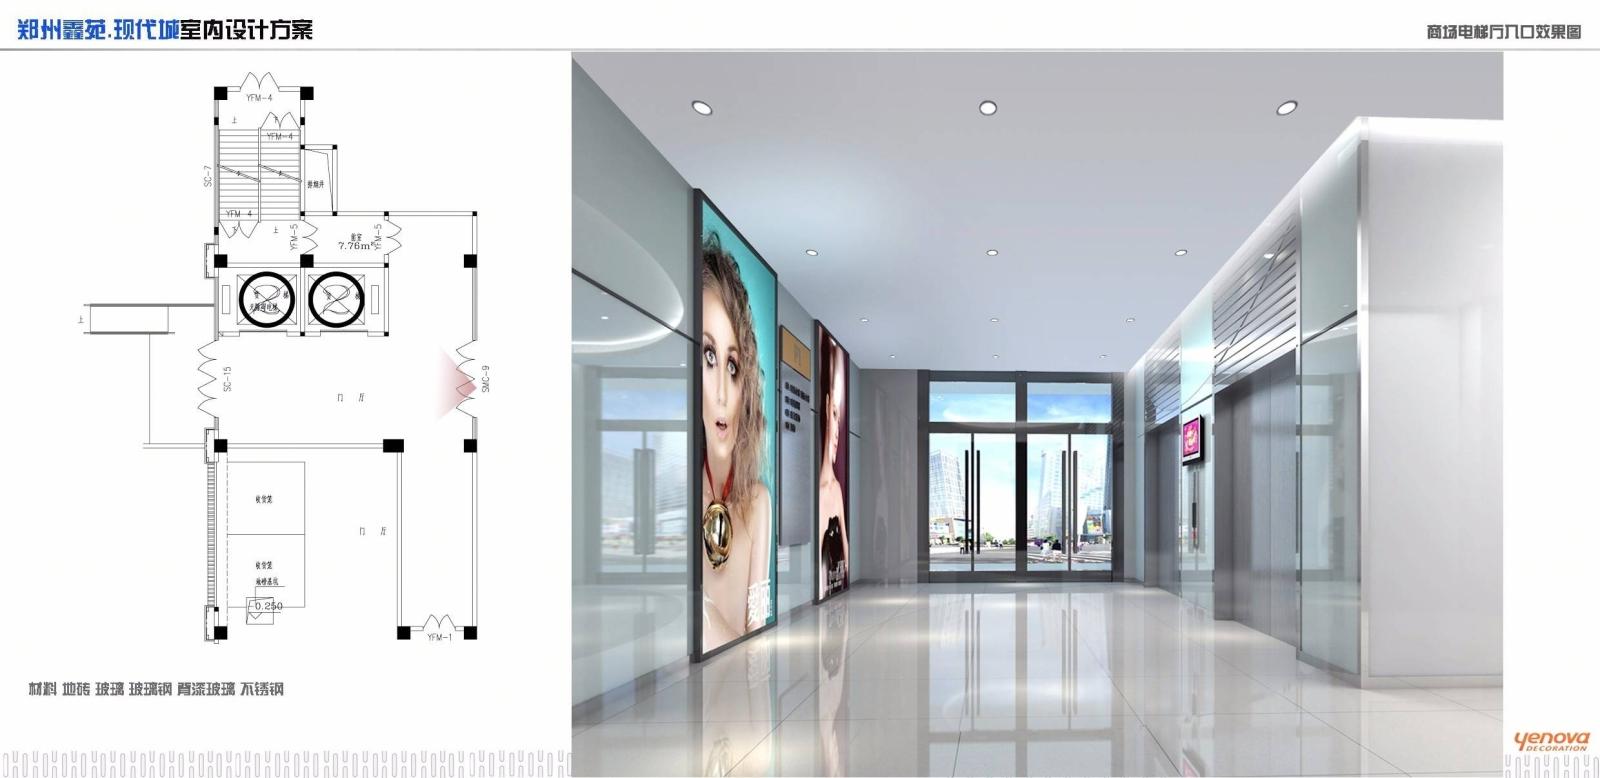 [商业空间]郑州某现代城商业广场施工图下载【ID:36984662】